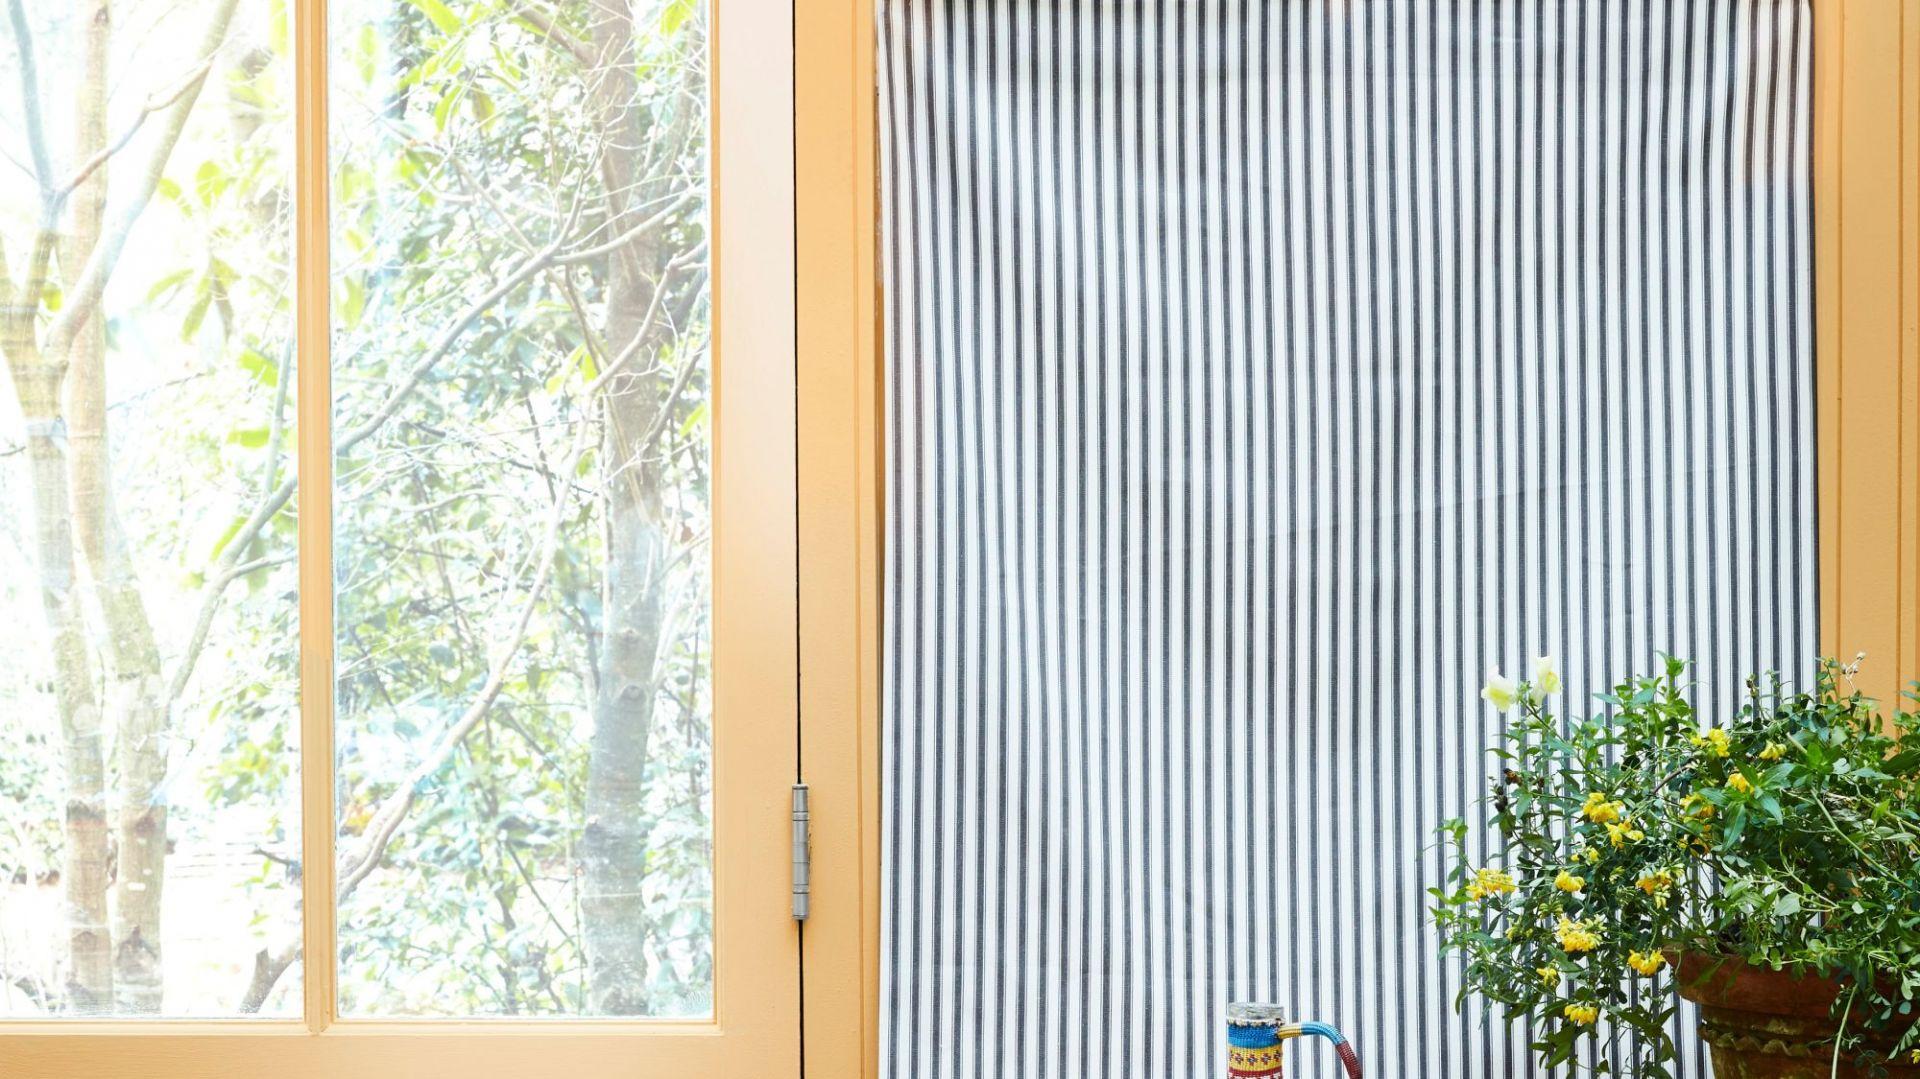 Annie Sloan inspiruje, jak korzystając z farb kredowych, lakieru, szablonów, tkanin odnowić ściany, meble, a także wykonać oryginalne dekoracje. Fot. Annie Sloan